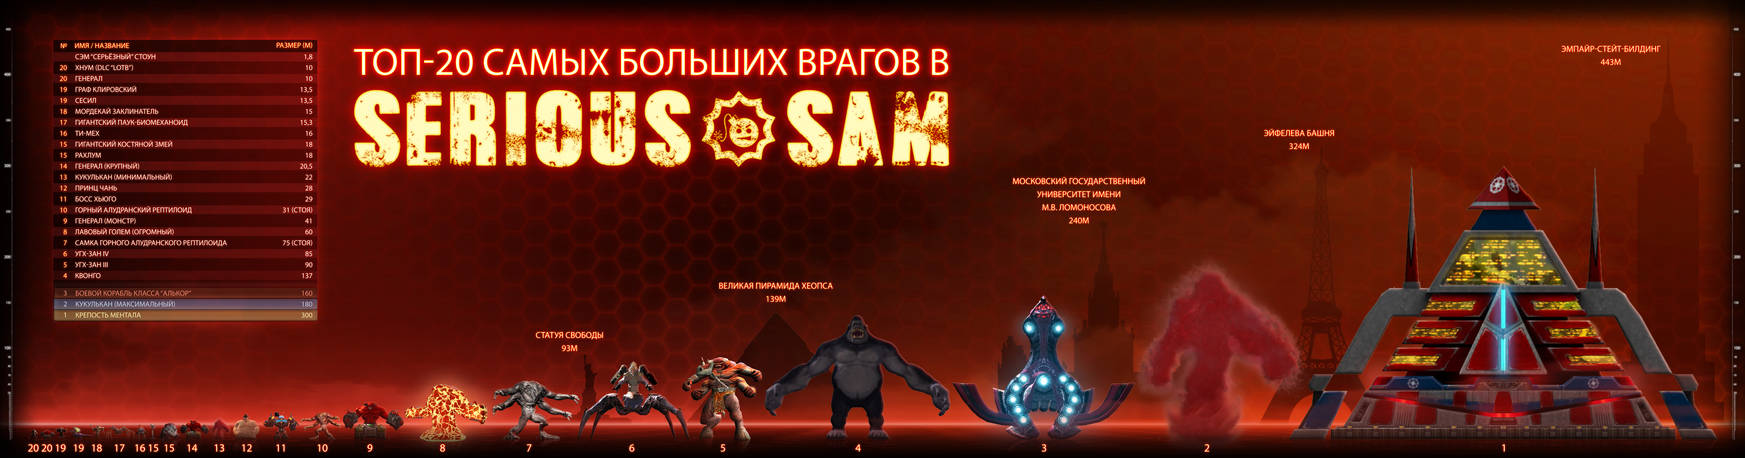 TOP-20 Biggest Enemies in SERIOUS SAM series (RU) by ImmortalTartal